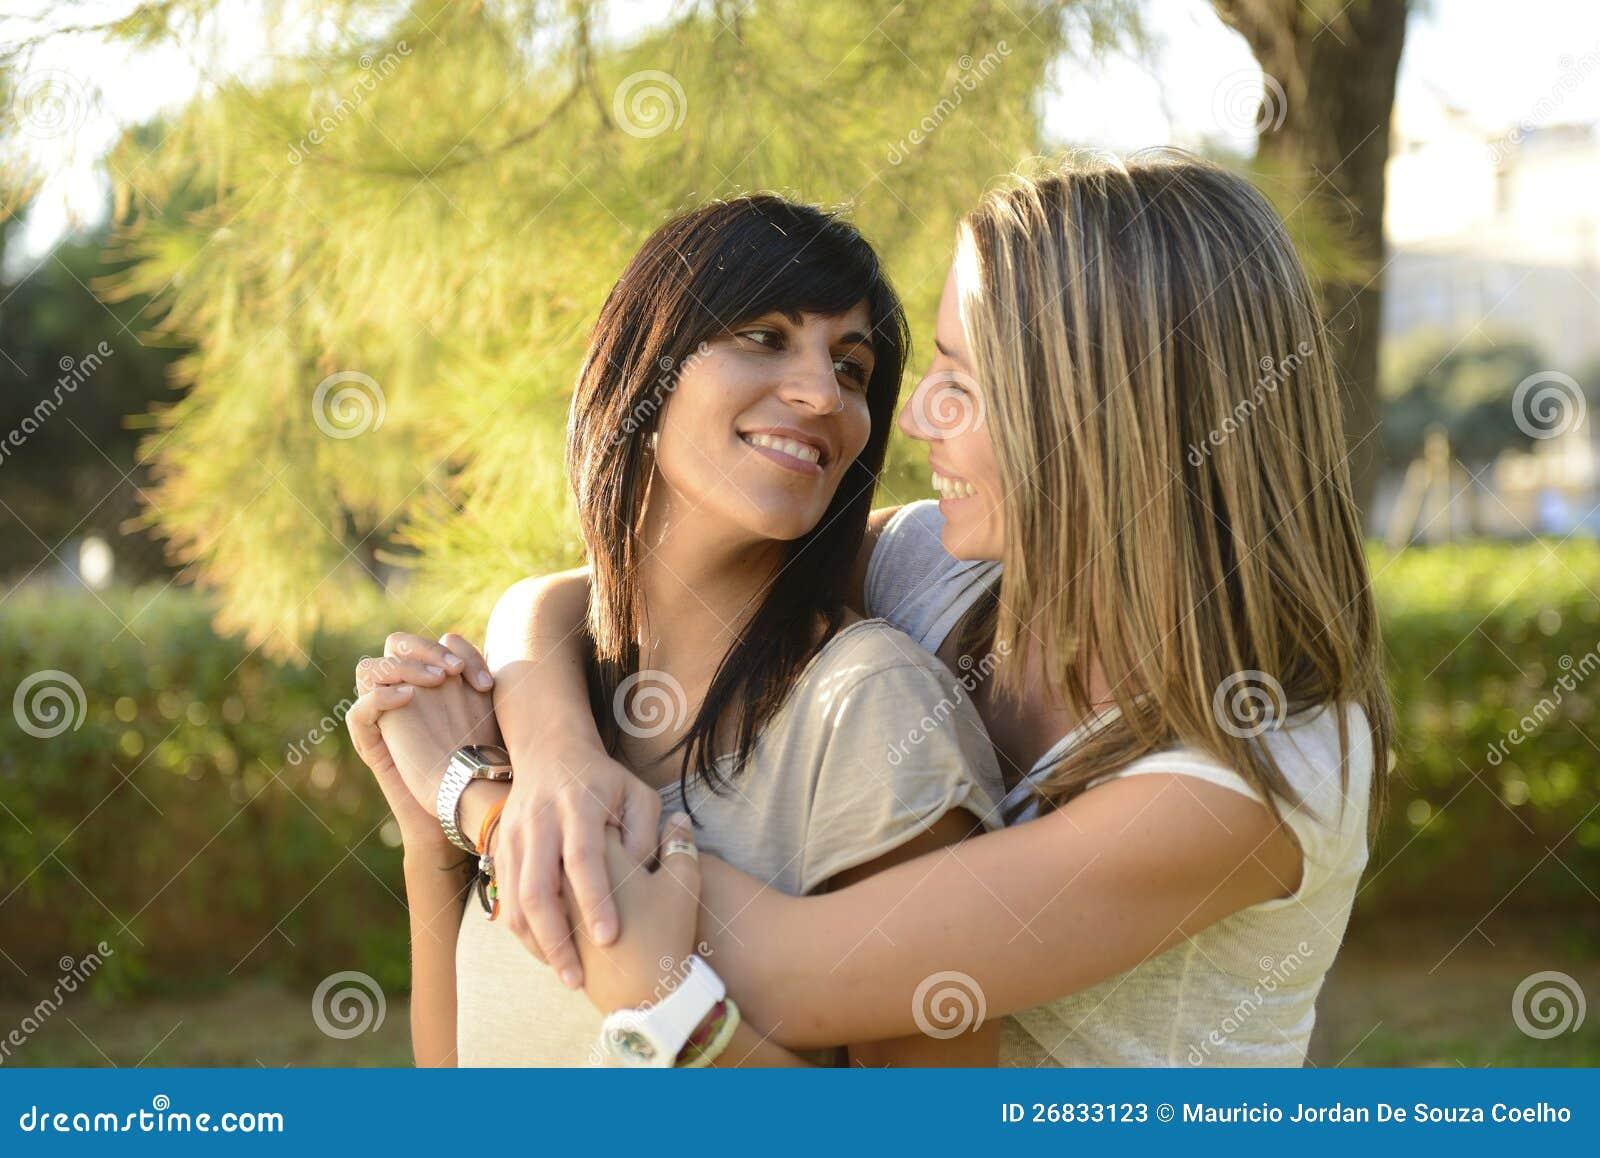 Lesbisches Paarumarmen